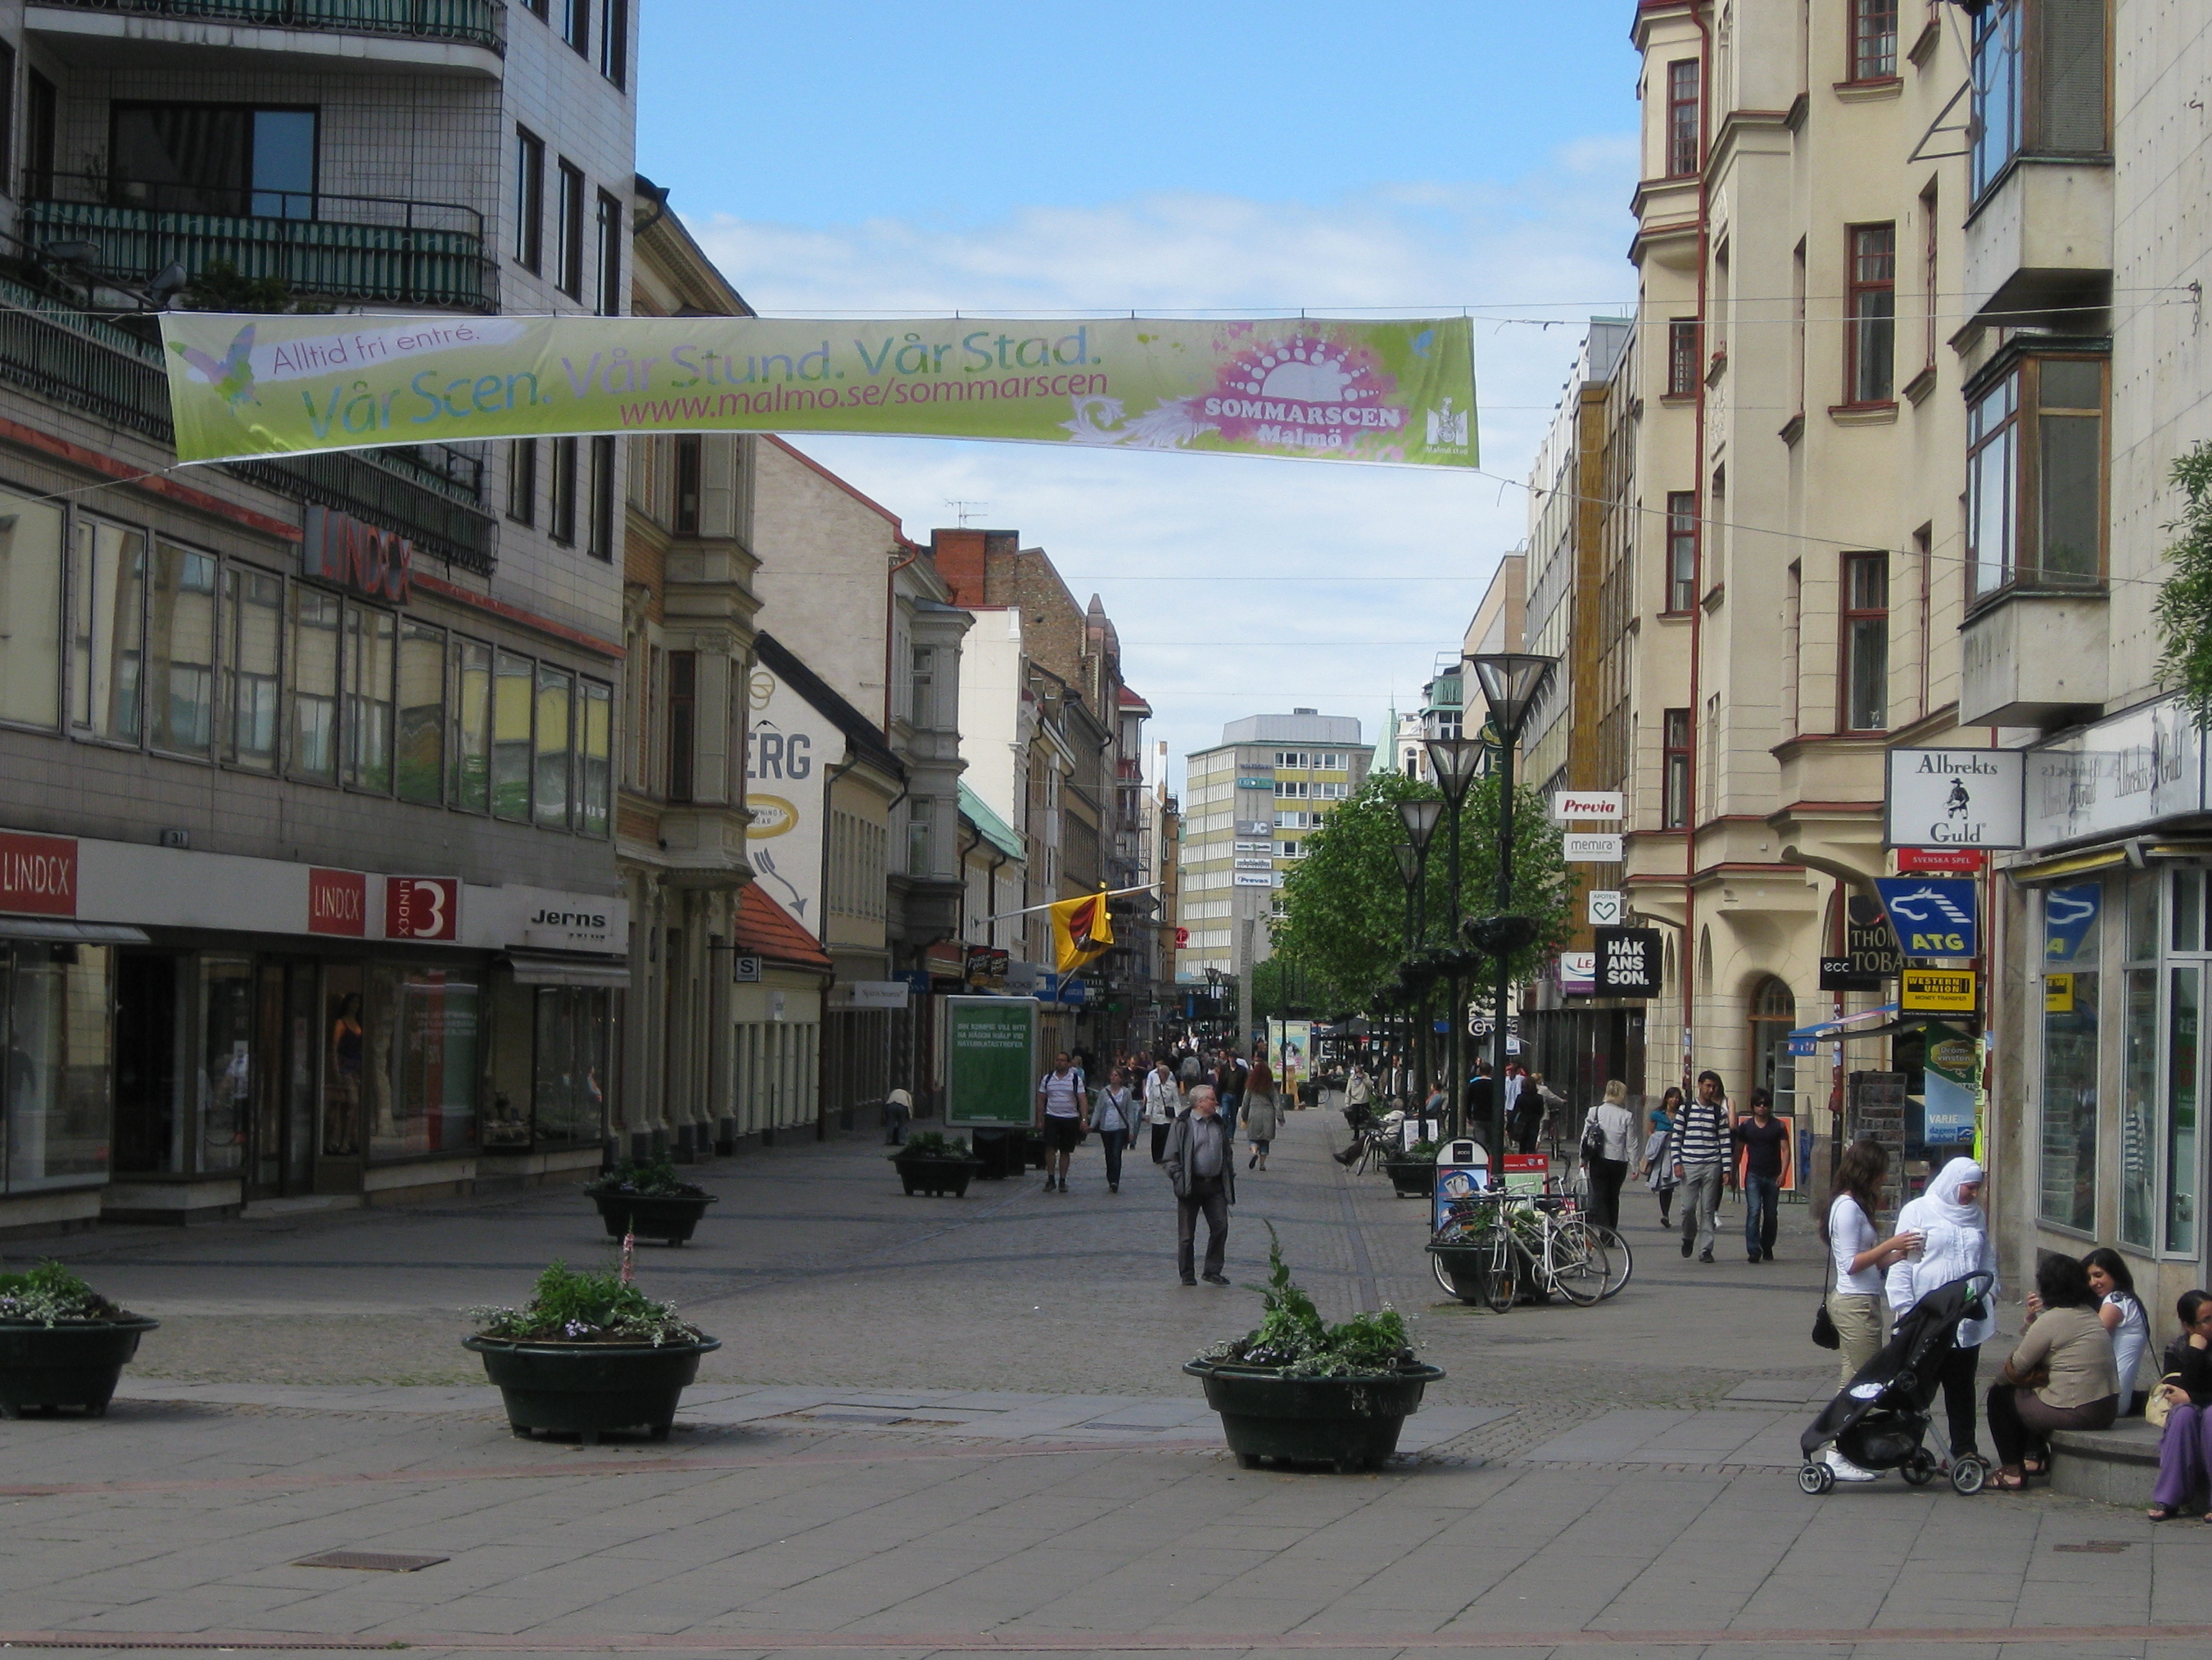 lindex södra förstadsgatan malmö